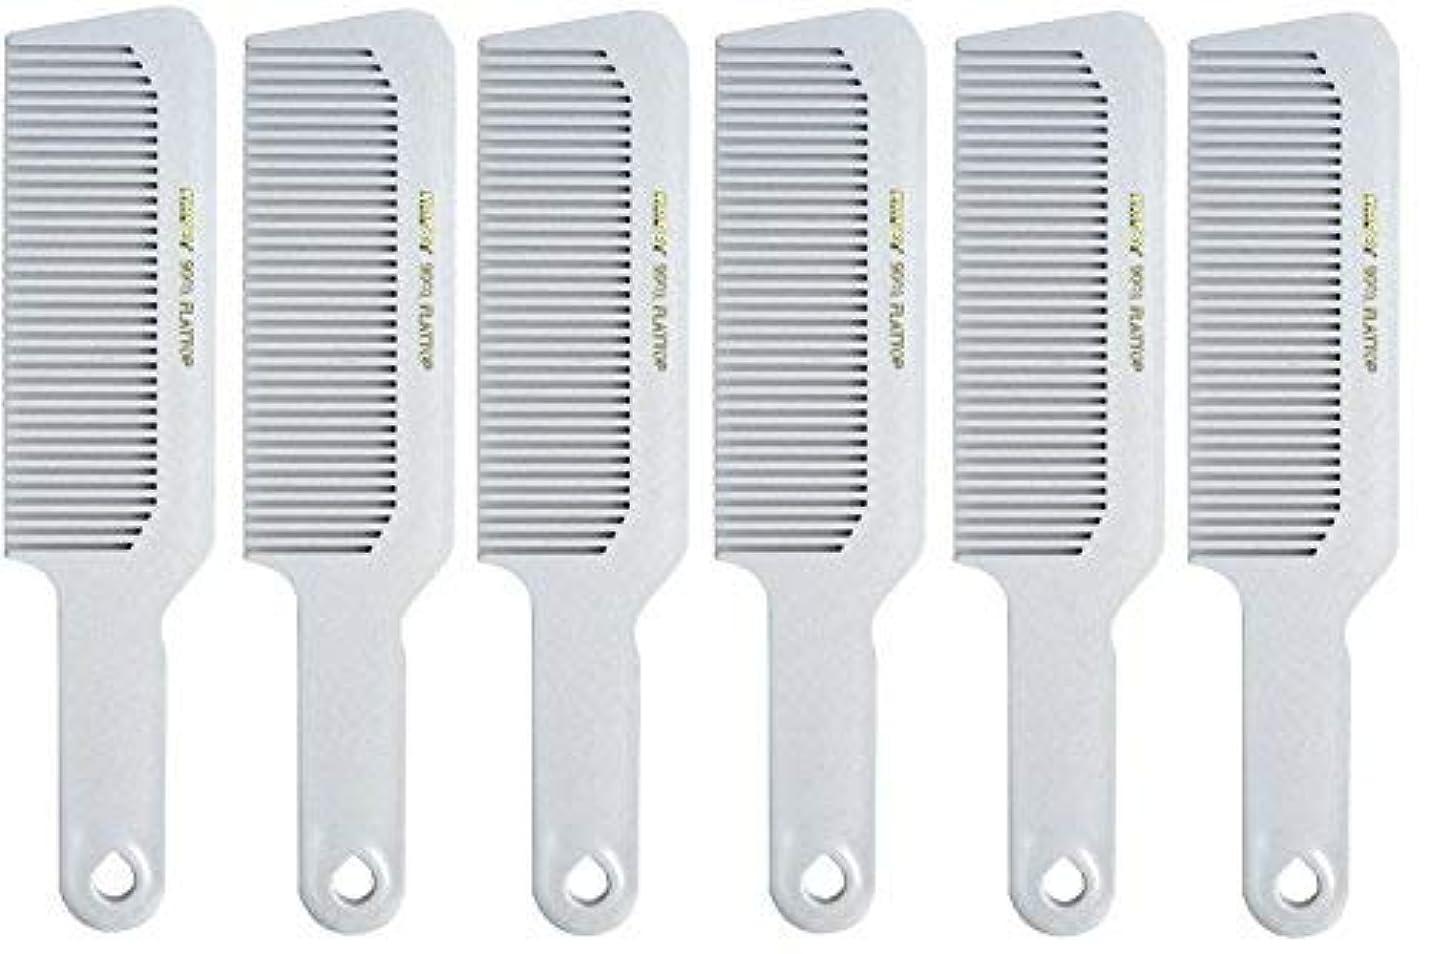 Barber Beauty Hair Krest 9001 8 3/4